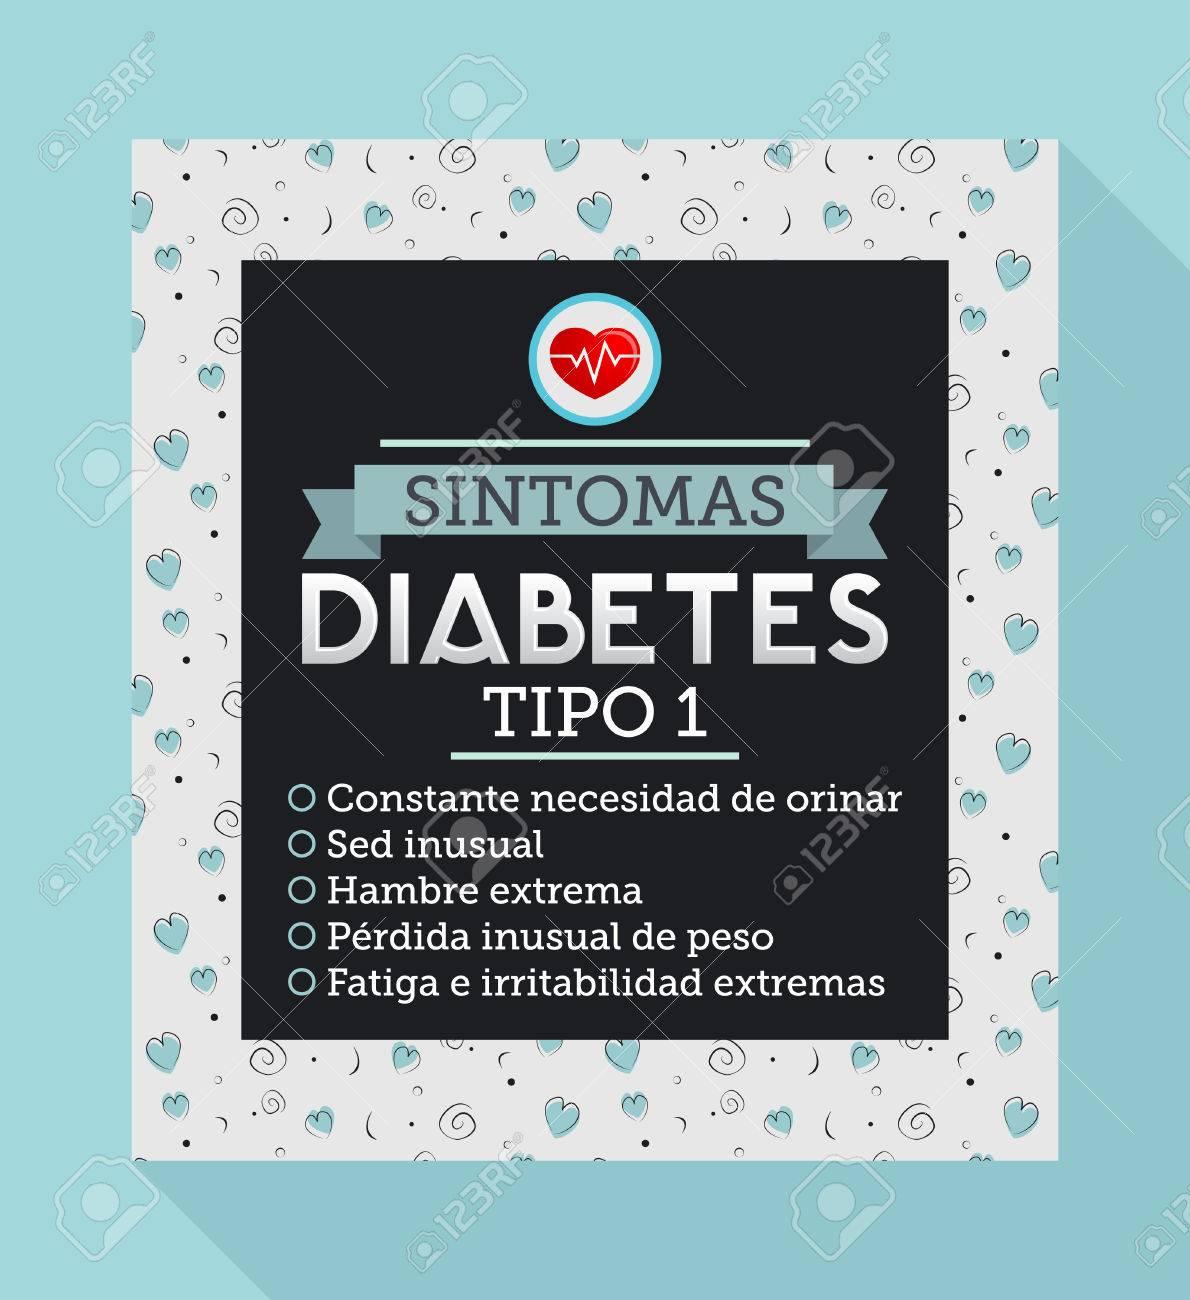 los sintomas de la diabetes tipo 1